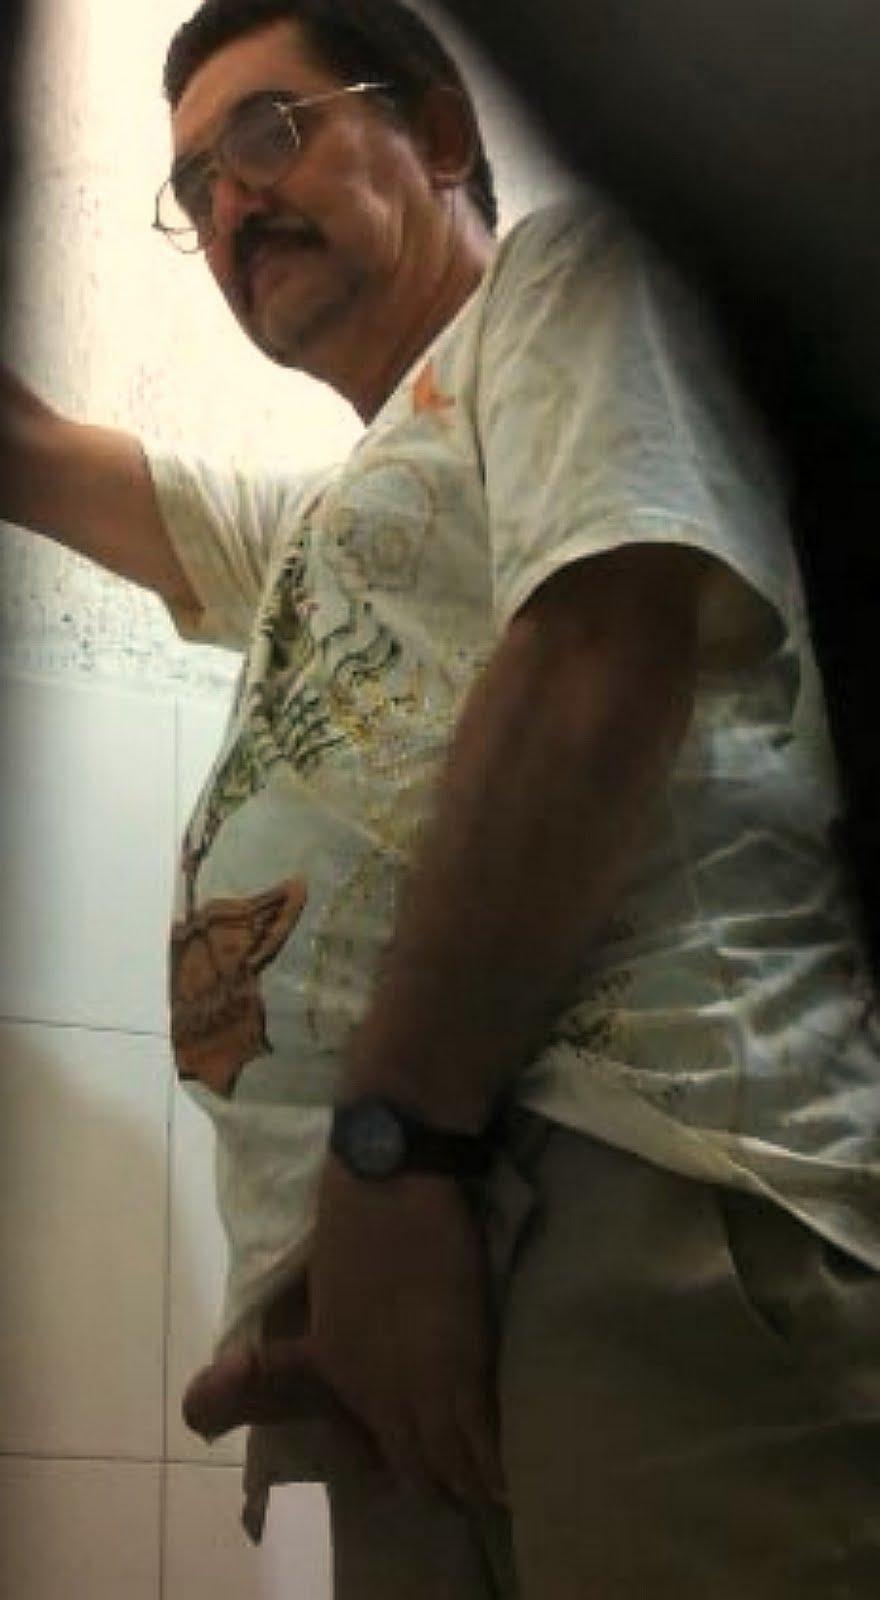 Fotos de Hombres Maduros desnudos, viejos, abuelos y